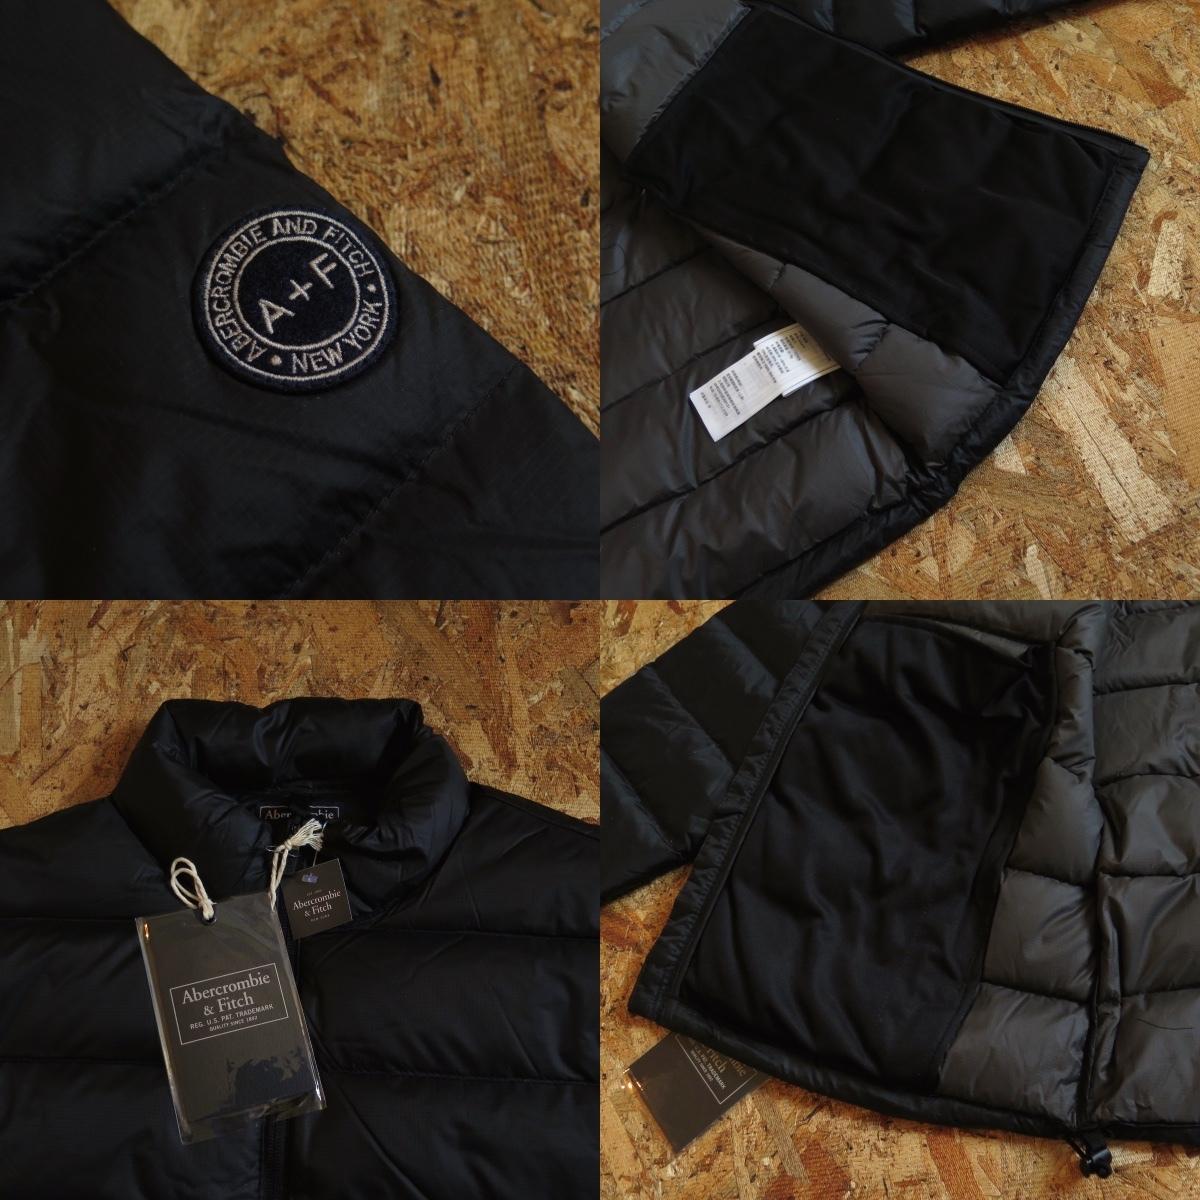 新品☆本物 NY購入 Abercrombie & Fitch Light Weight Down Jacket Mサイズ BLACK/黒 アバクロ ライトウェイト ダウンジャケット_画像7